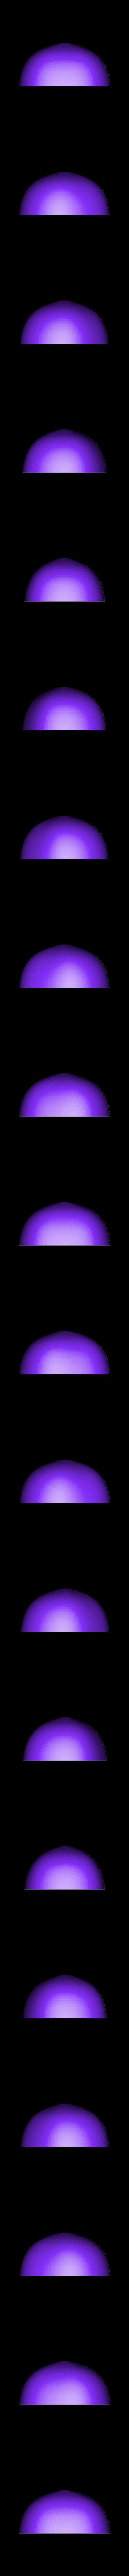 thimble2_part_2.stl Télécharger fichier STL gratuit Kara Kesh (arme de poing goa'uld) • Plan pour imprimante 3D, poblocki1982